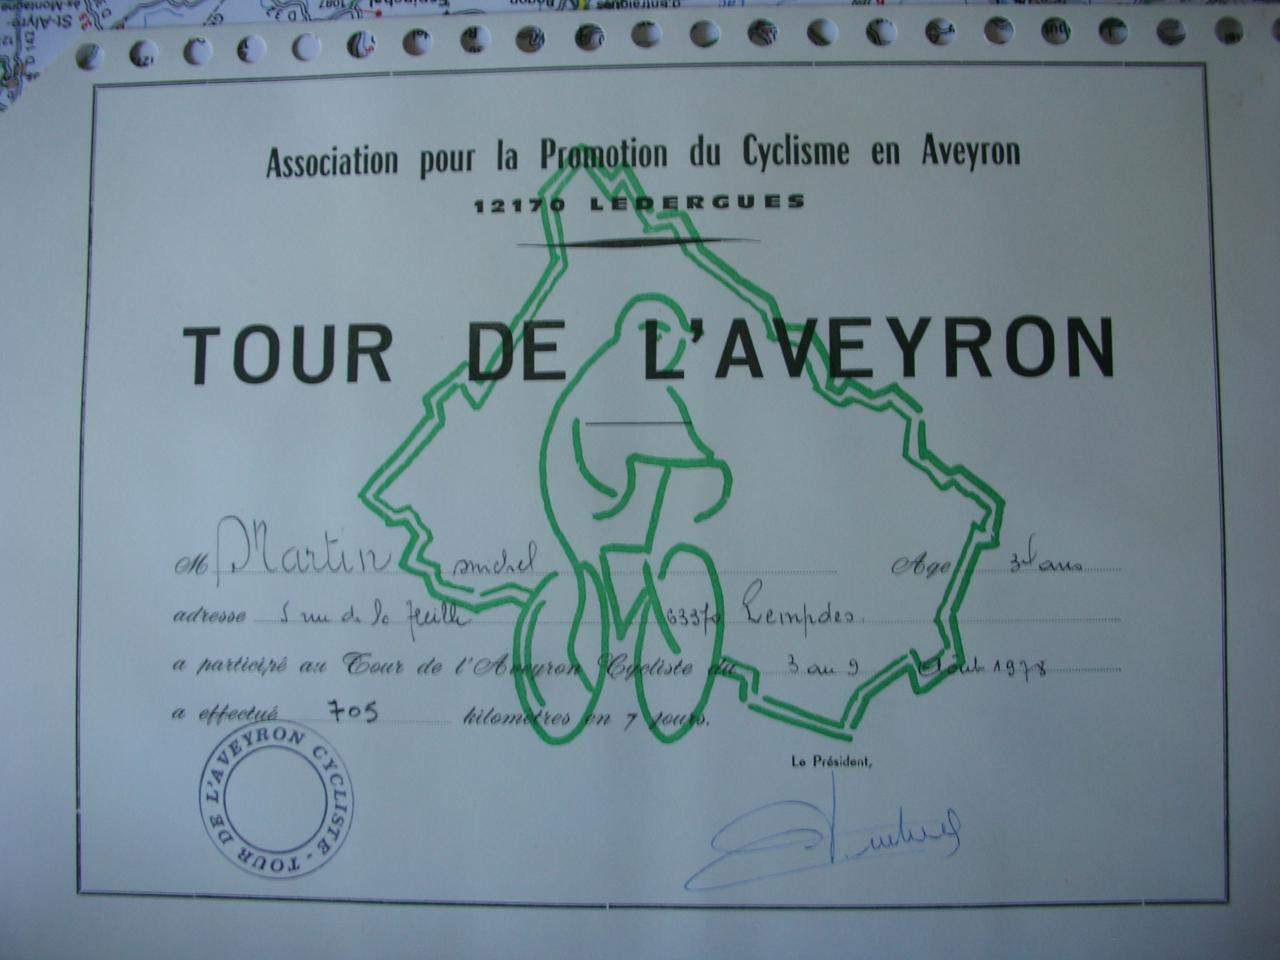 1978-tour-de-l-aveyron.jpg